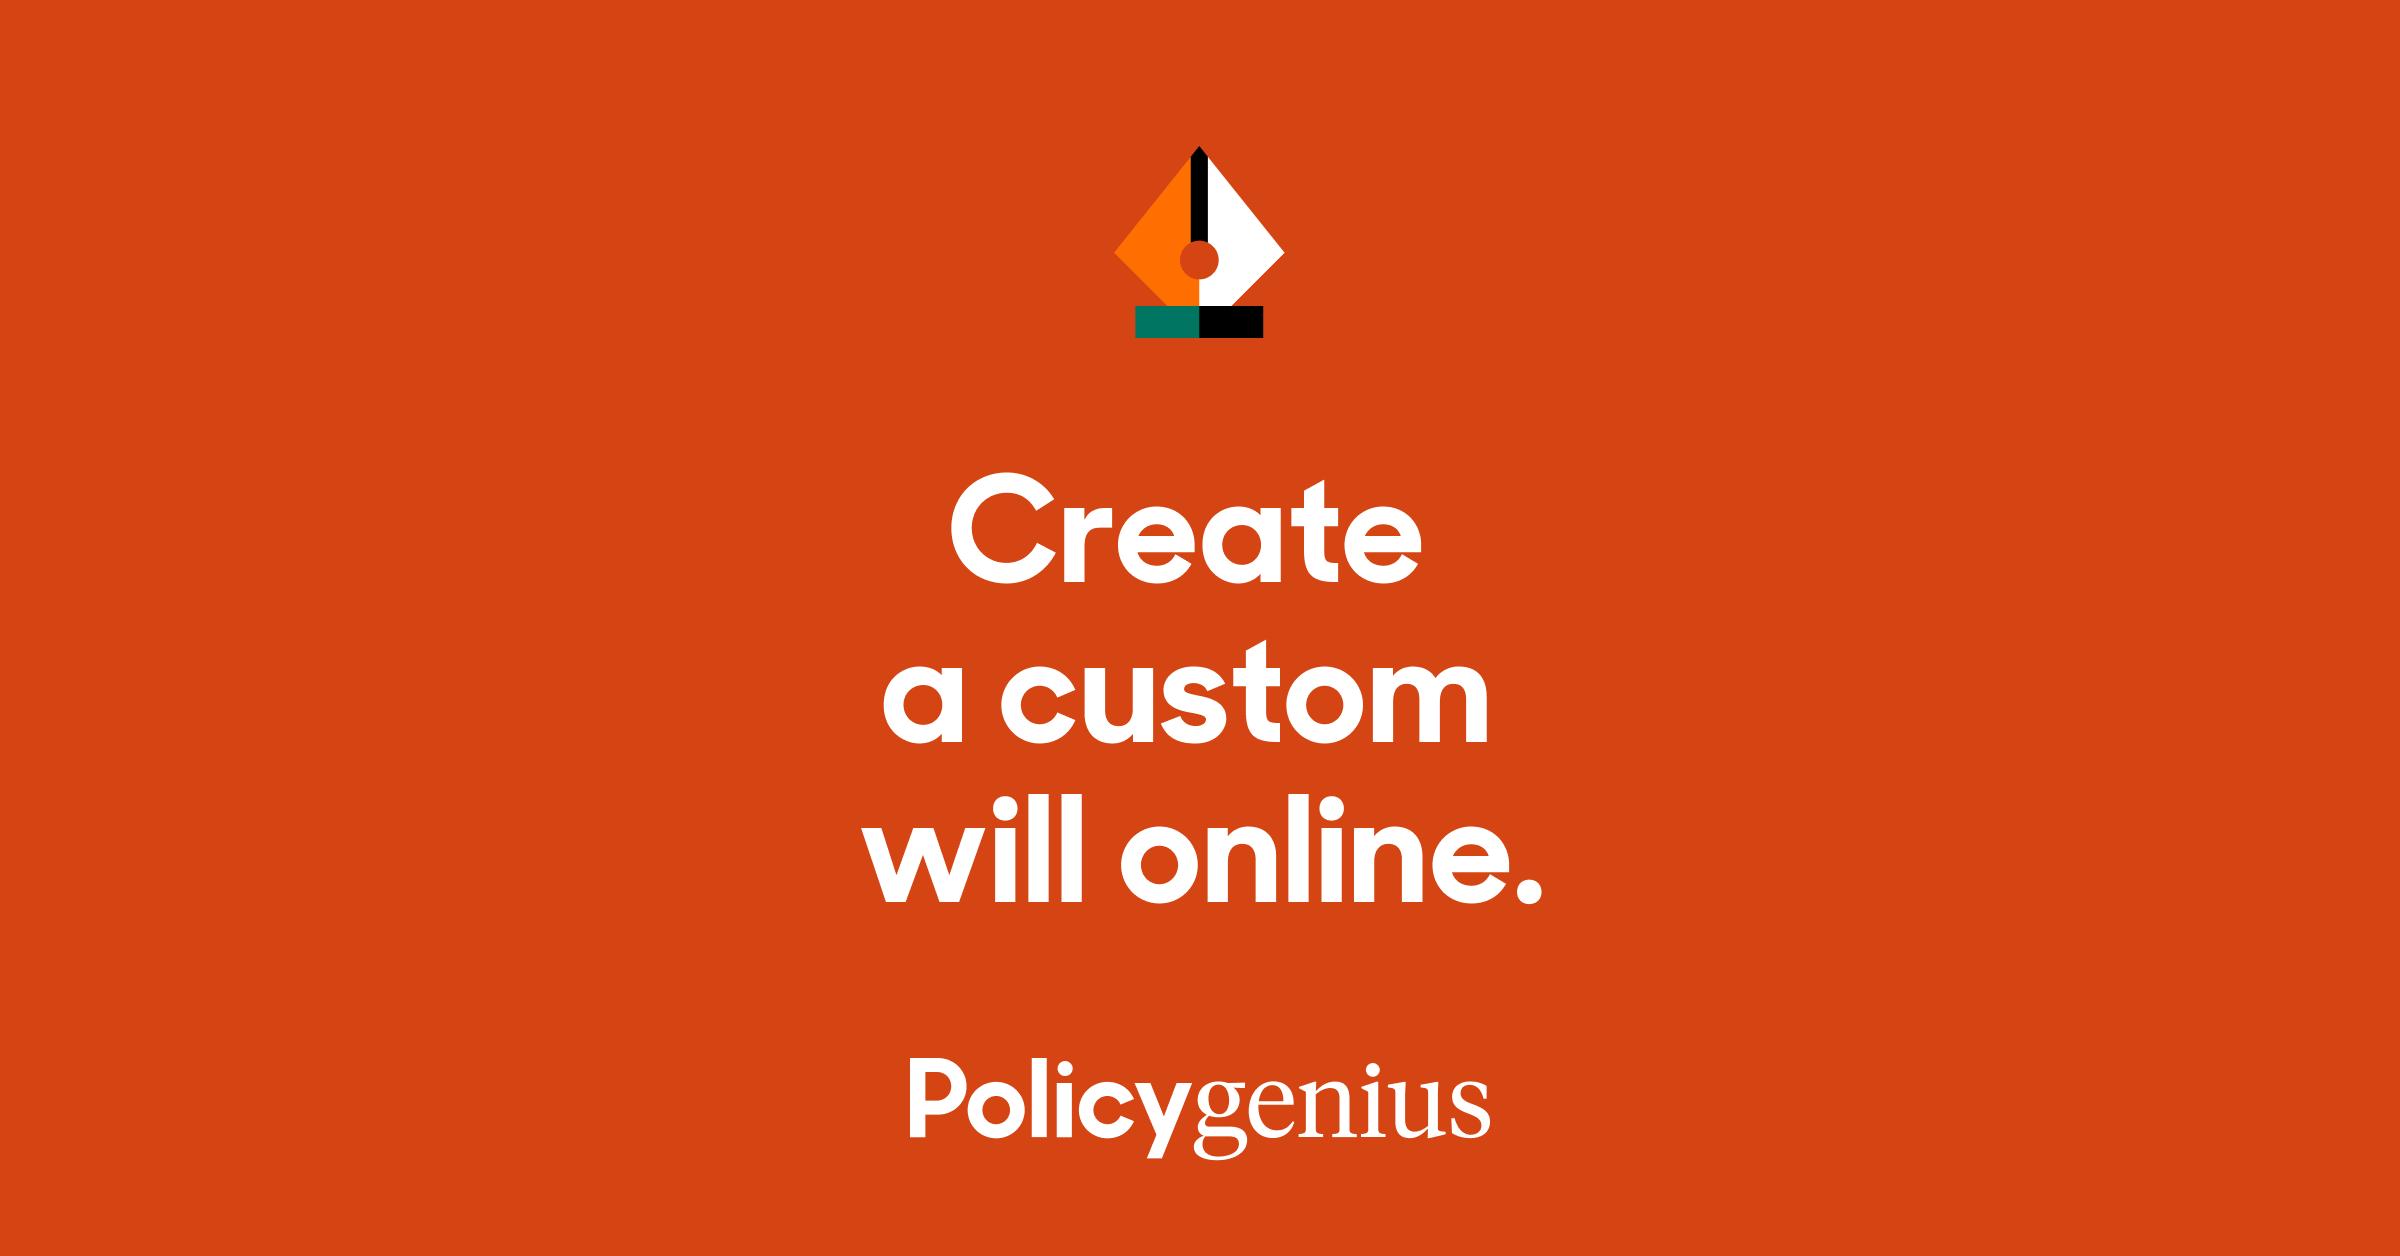 www.policygenius.com